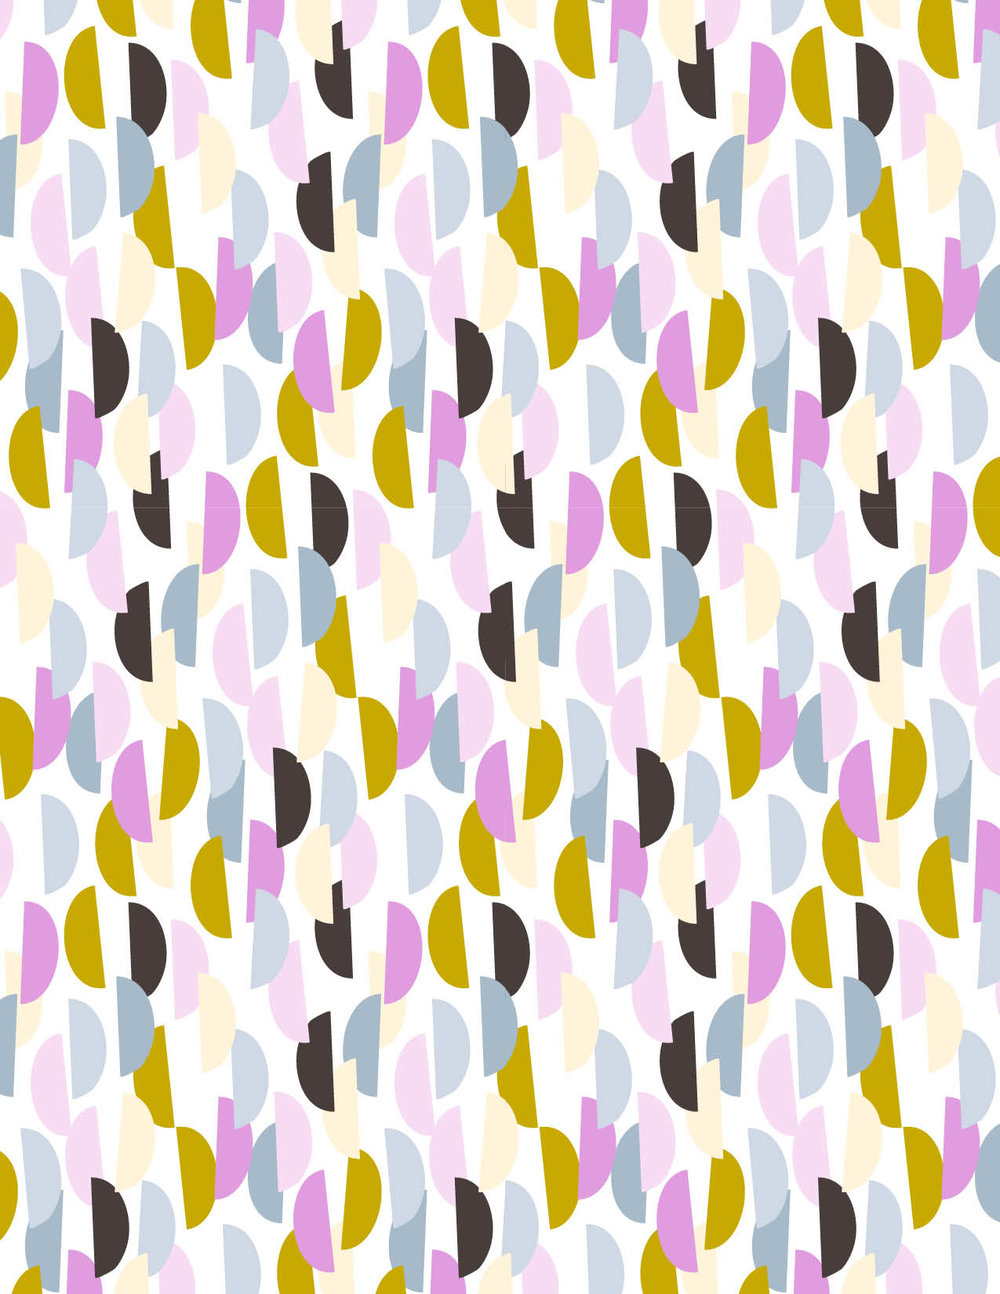 jessbruggink_pattern27.jpg